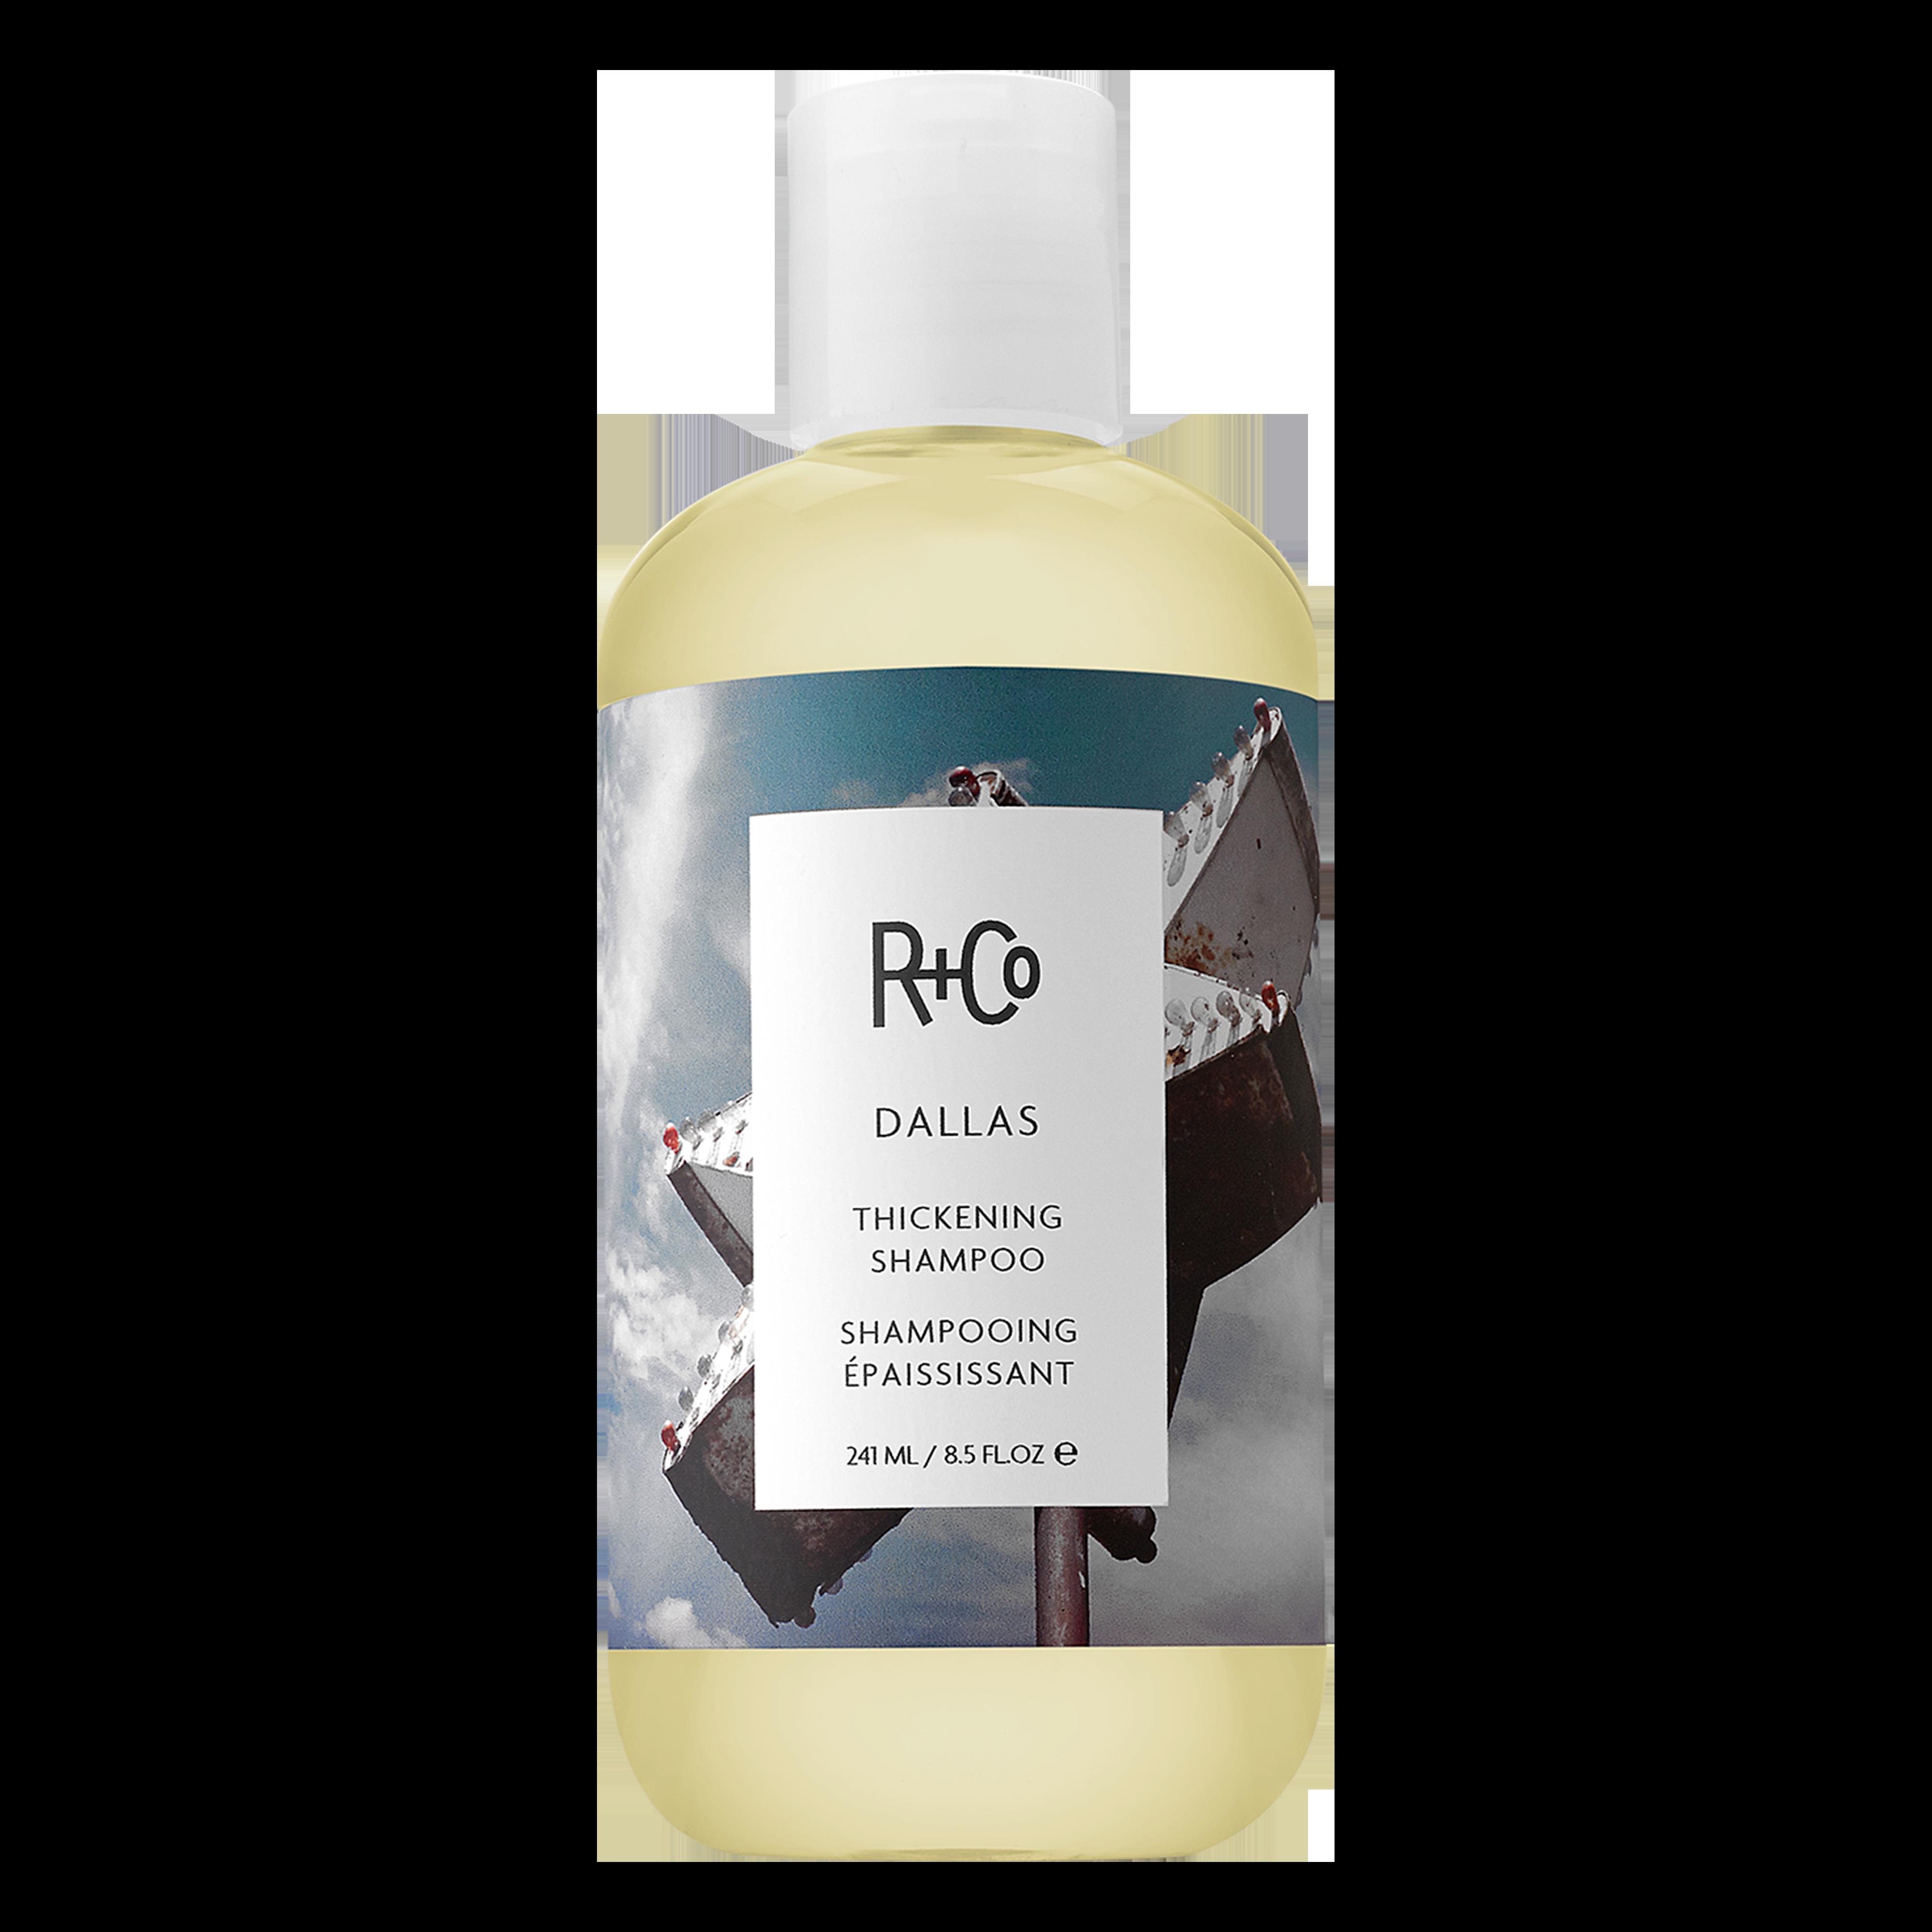 DALLAS Thickening Shampoo 241ml